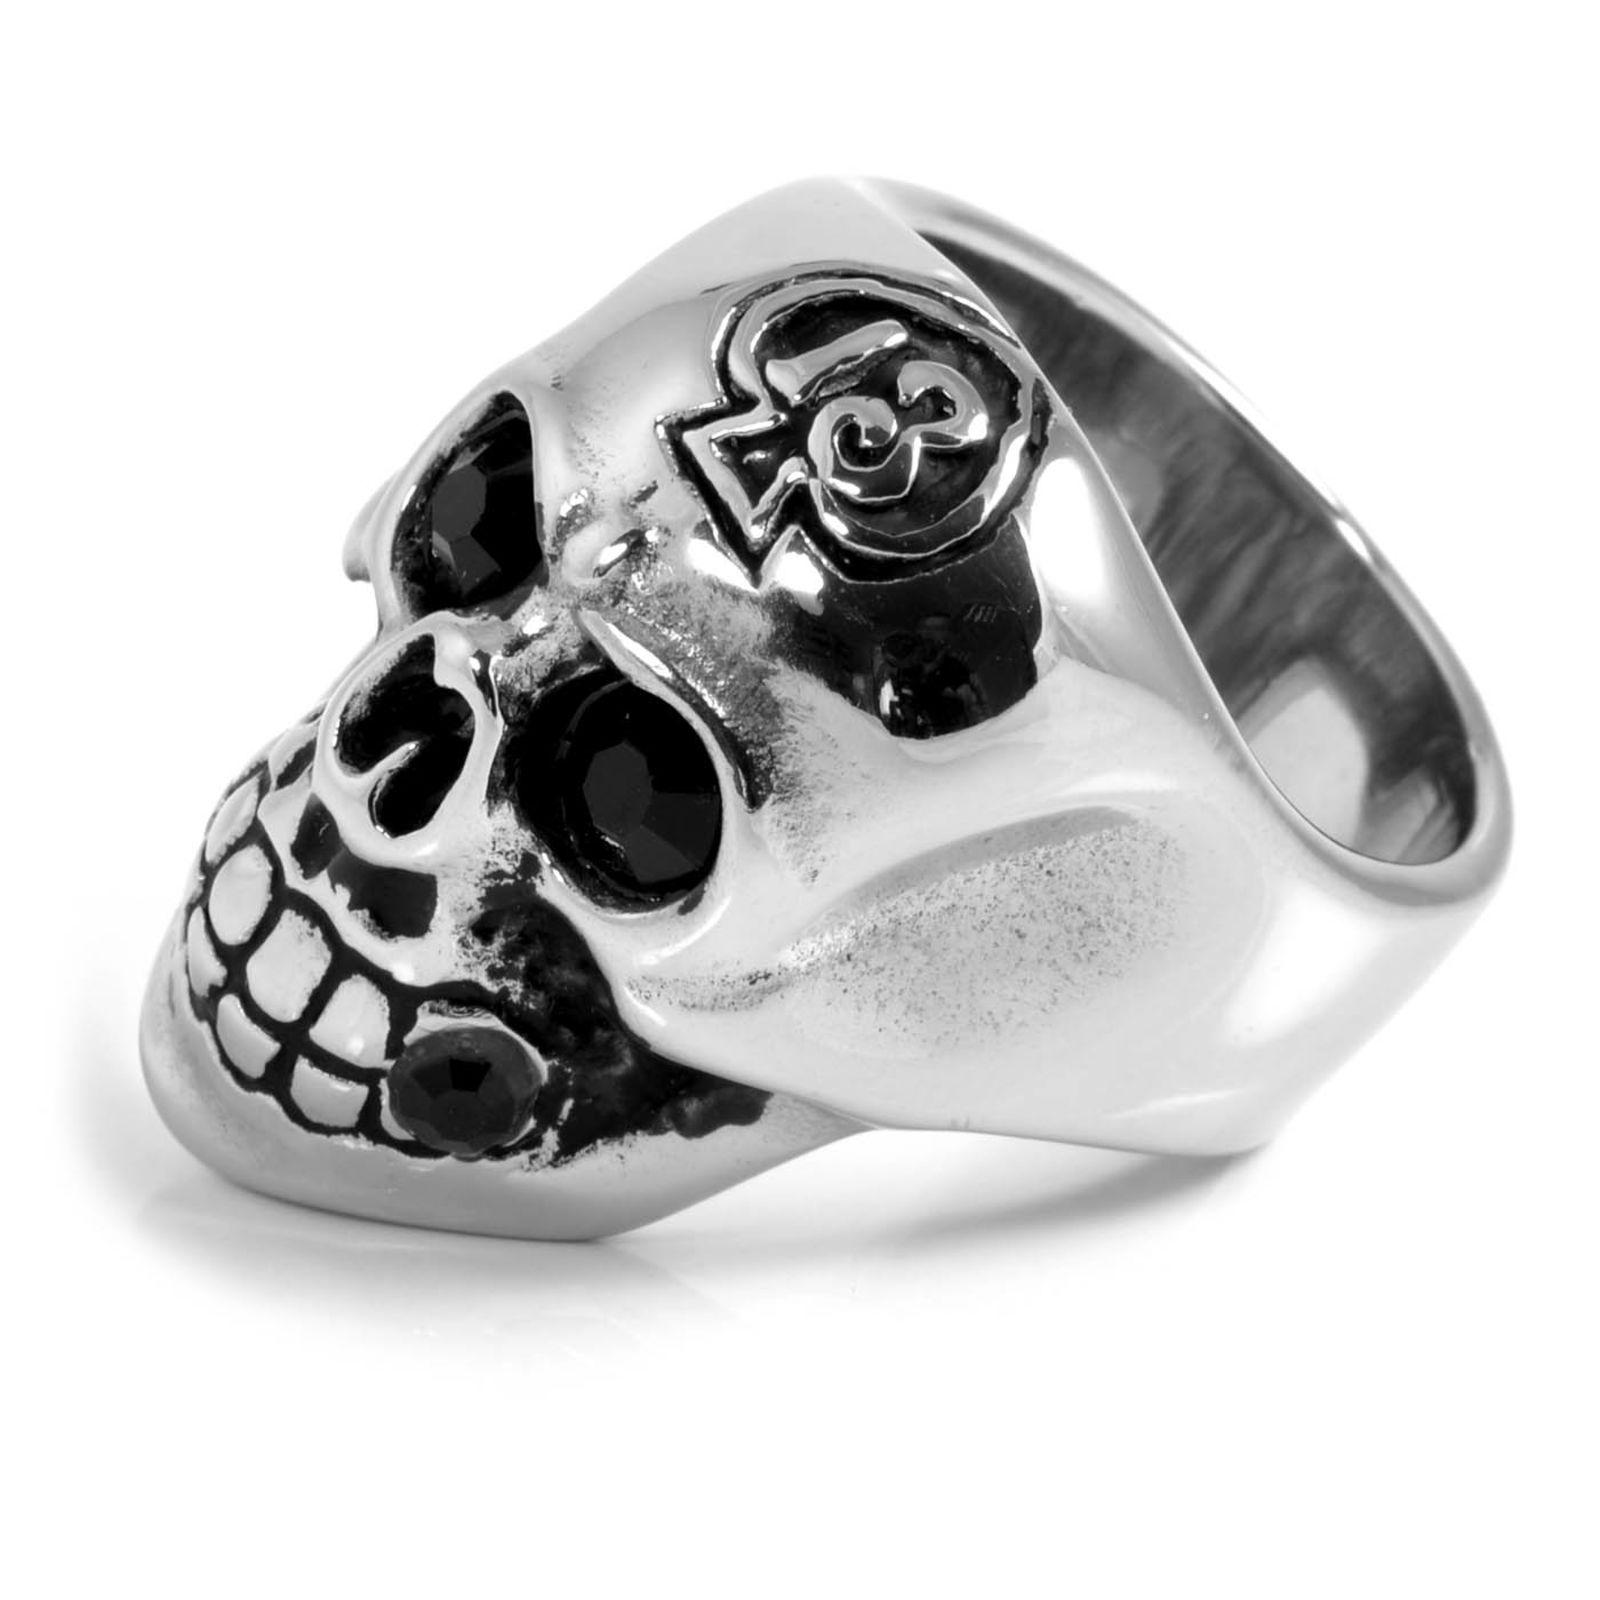 Ατσαλένιο Δαχτυλίδι Skeleton Skull Zirconia  b6eb7af4dd0